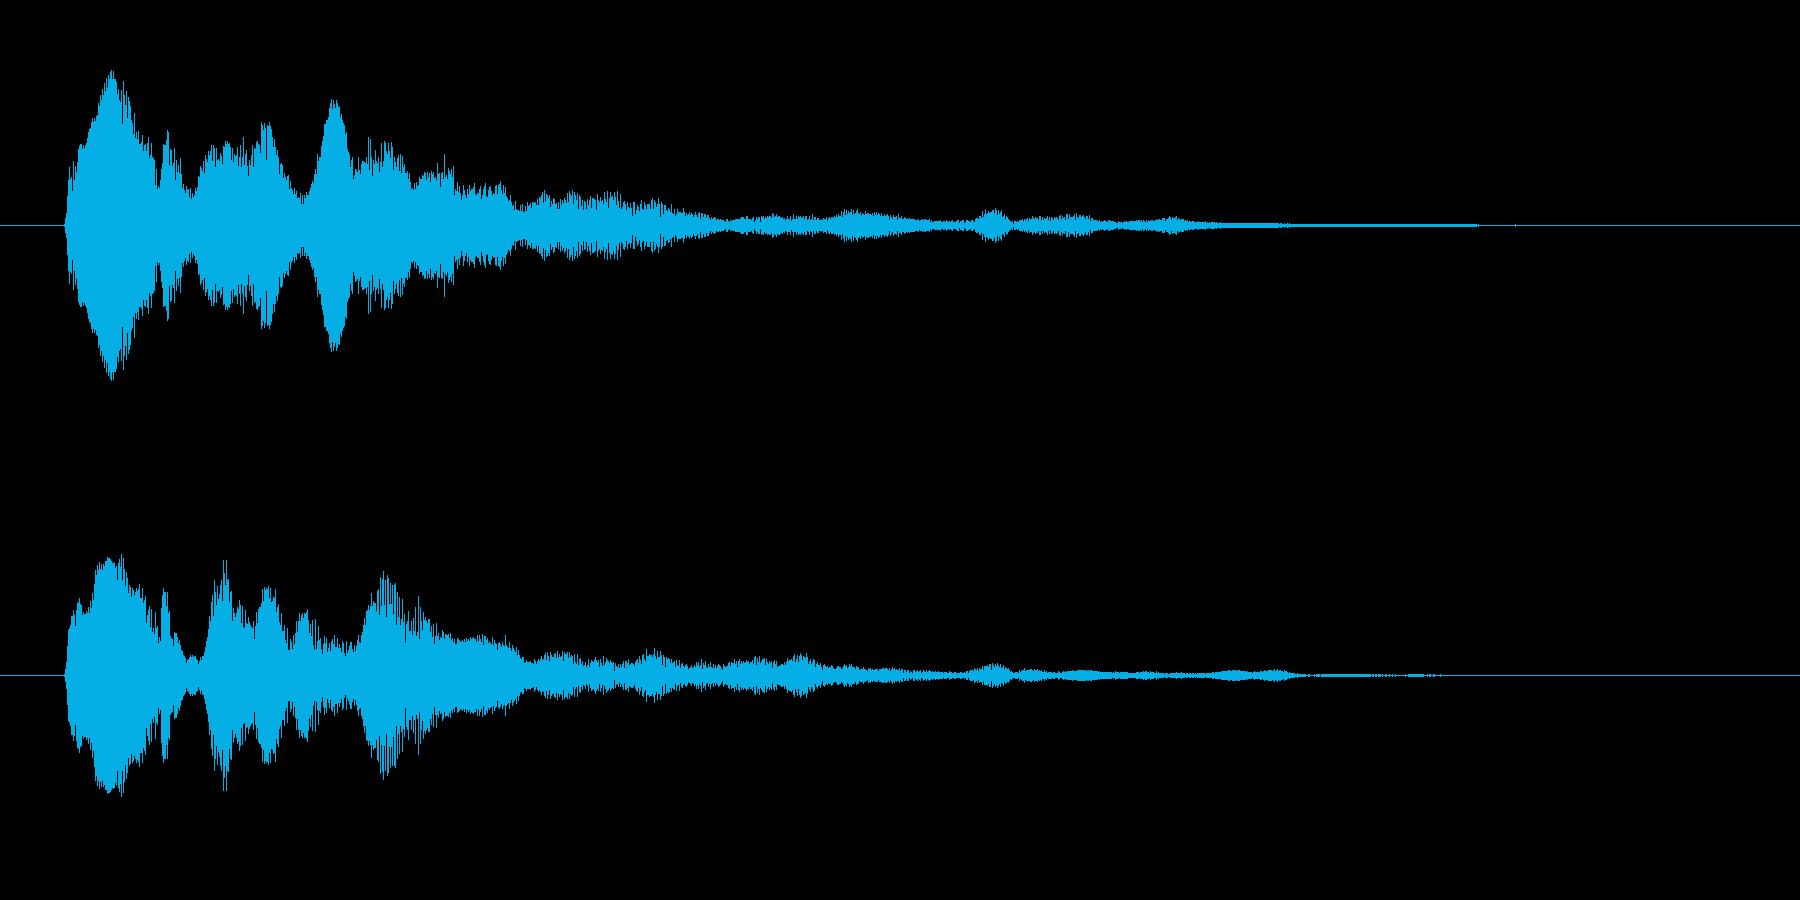 セレクト クールな決定音 通過 取得の再生済みの波形